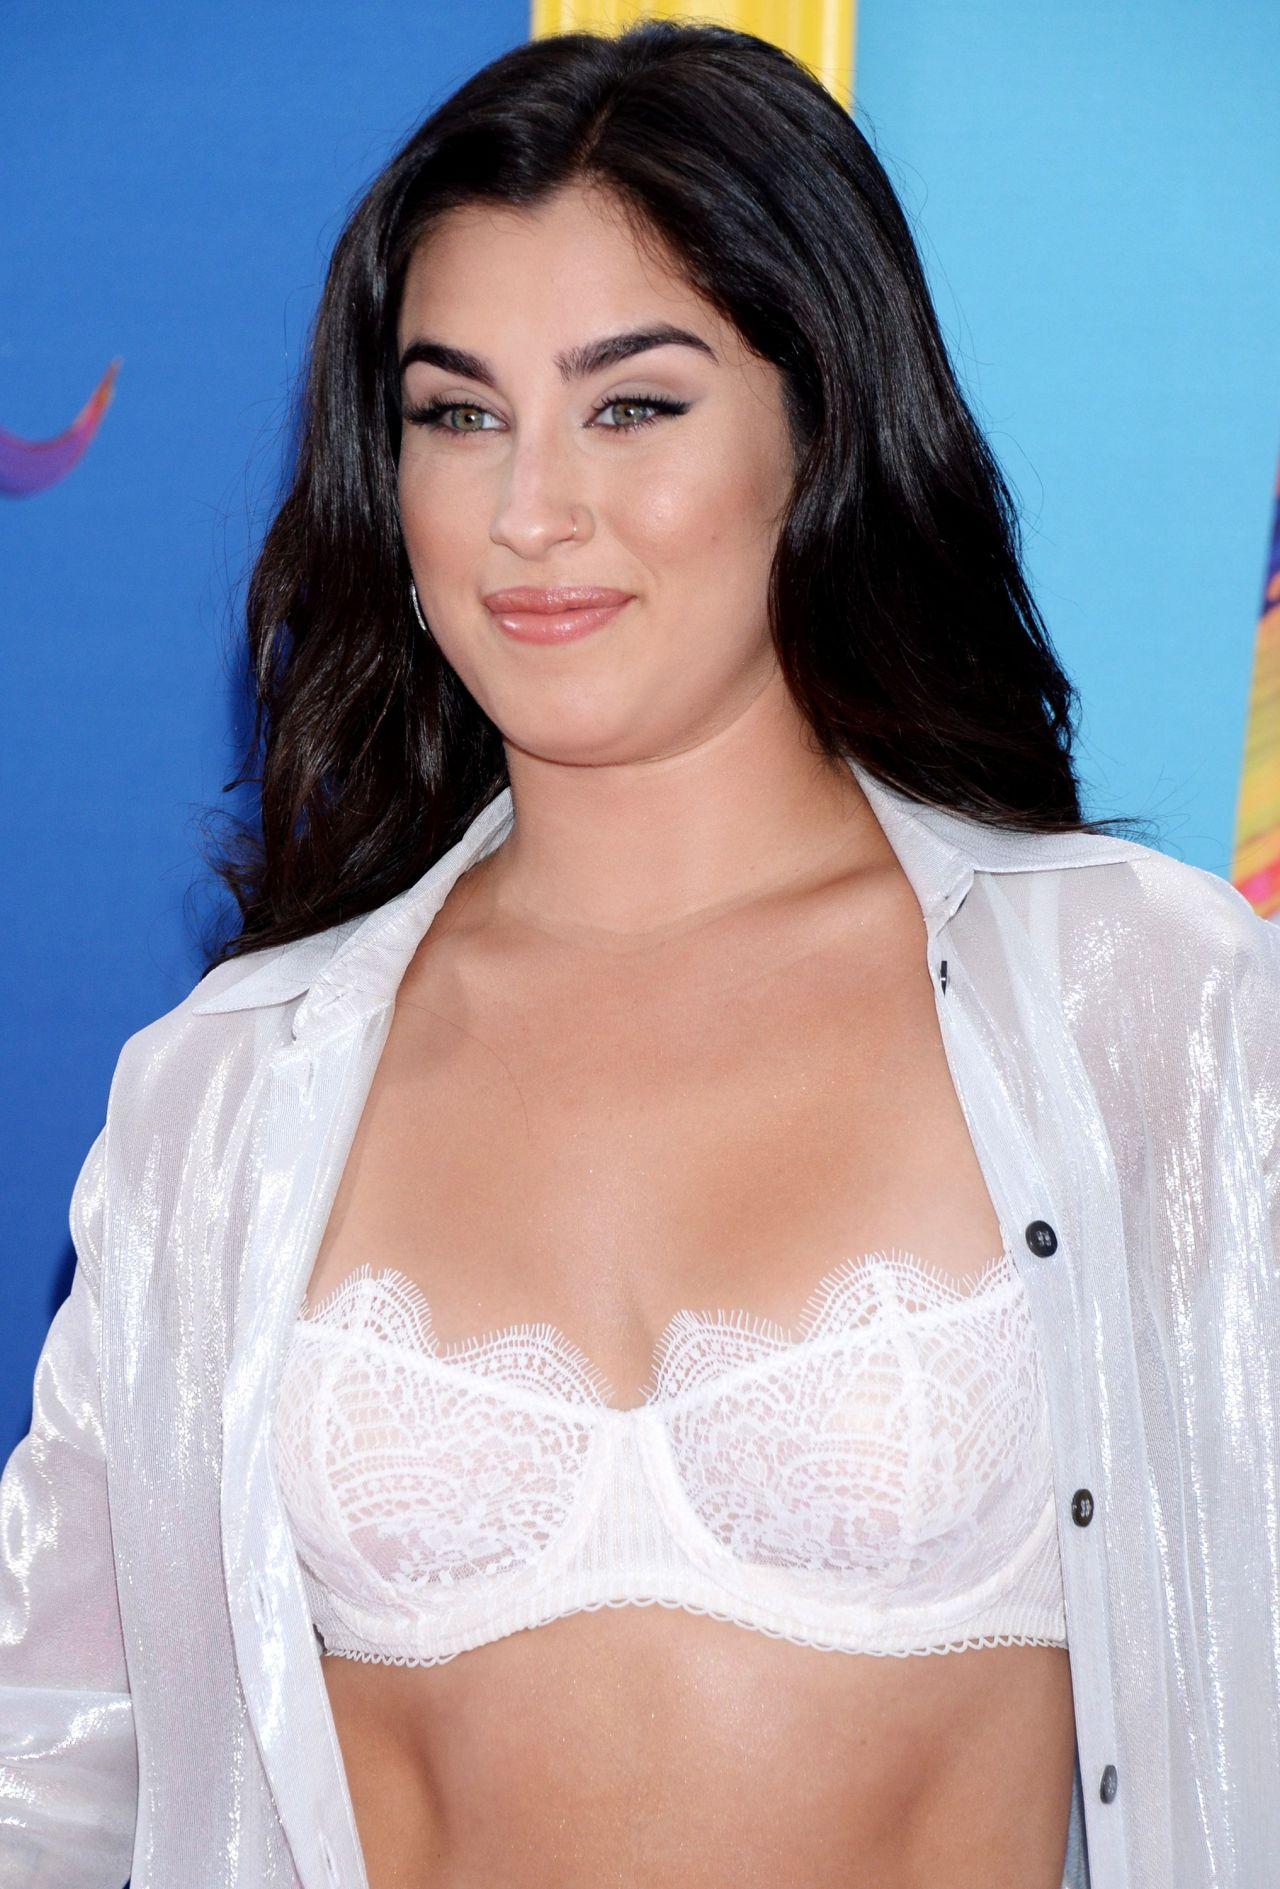 Lauren jauregui 2015